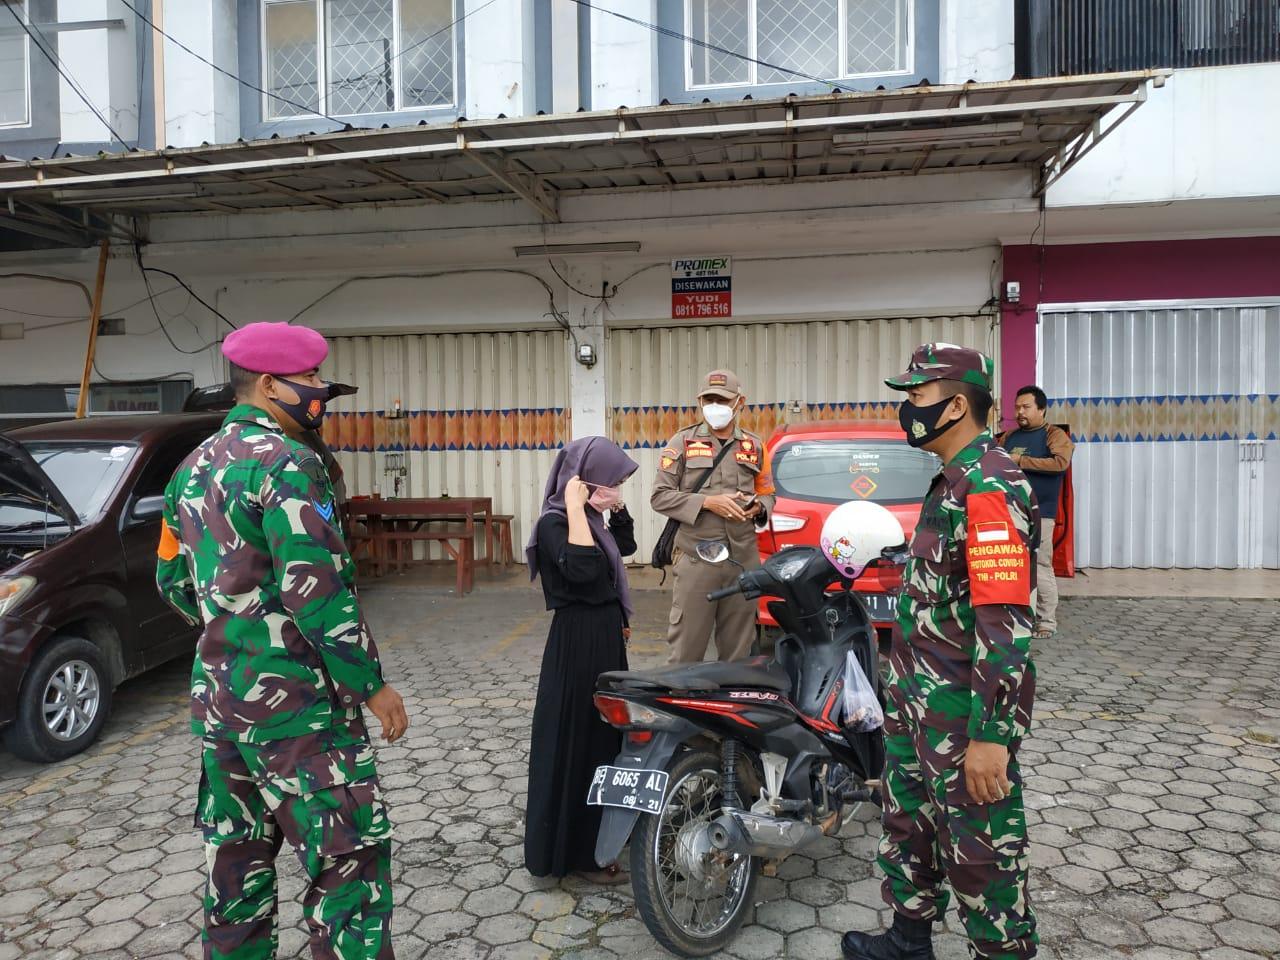 Kodim 0410/KBL bersama dengan Satuan Tugas percepatan Penanganan Covid-19 Kota Bandar Lampung terus melakukan upaya pencegahan di Jln. Wolter Monginsidi, TBU